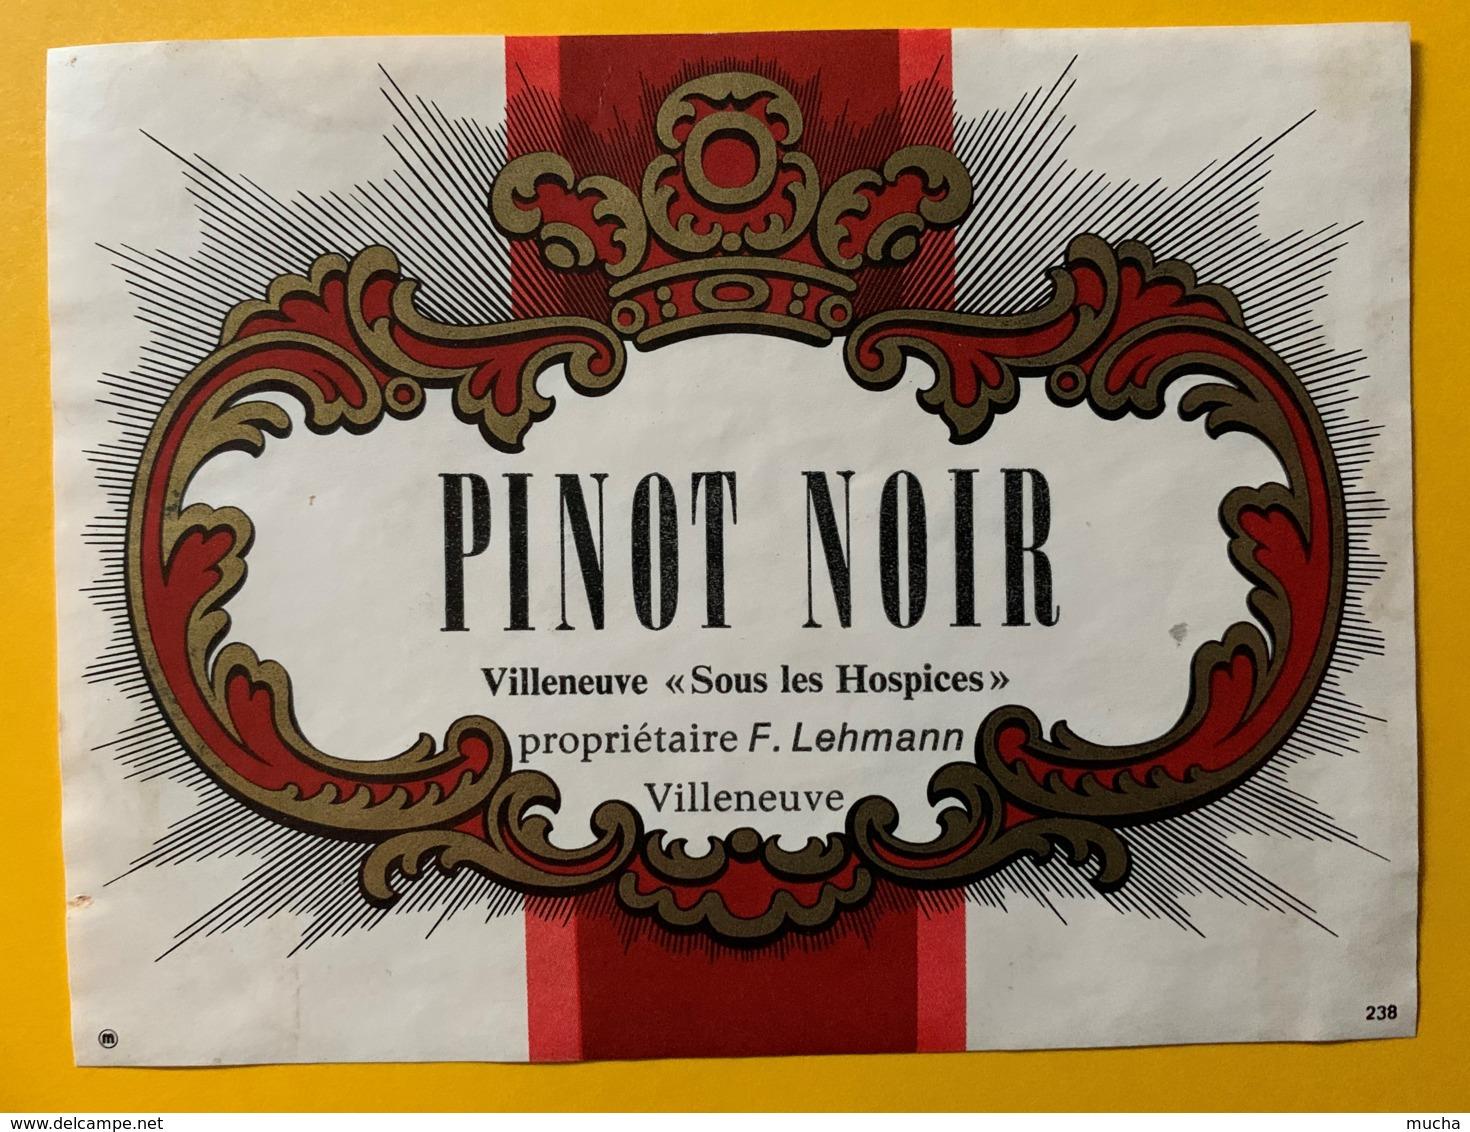 10124 - Villeneuve Pinot Noir Sous Les Hospices Suisse - Etiquettes